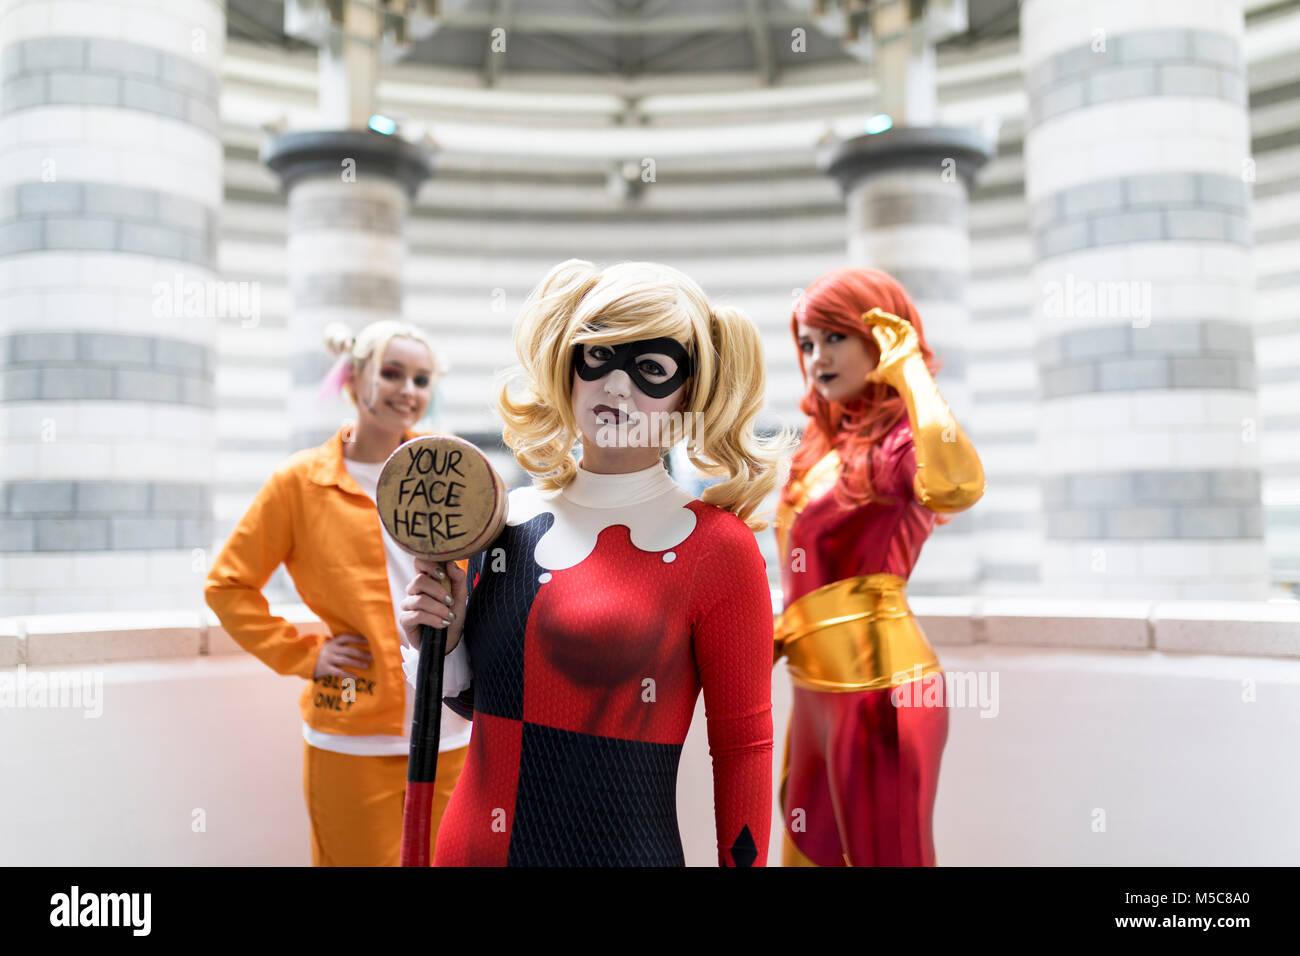 ae3d30abd203 Doncaster Comic Con xi Feruary 2018 a Doncaster Dome UK. Tre giovani donne  cosplay come Harley Quinn Suicidé Squad e meraviglia che Jean Grey Phoenix